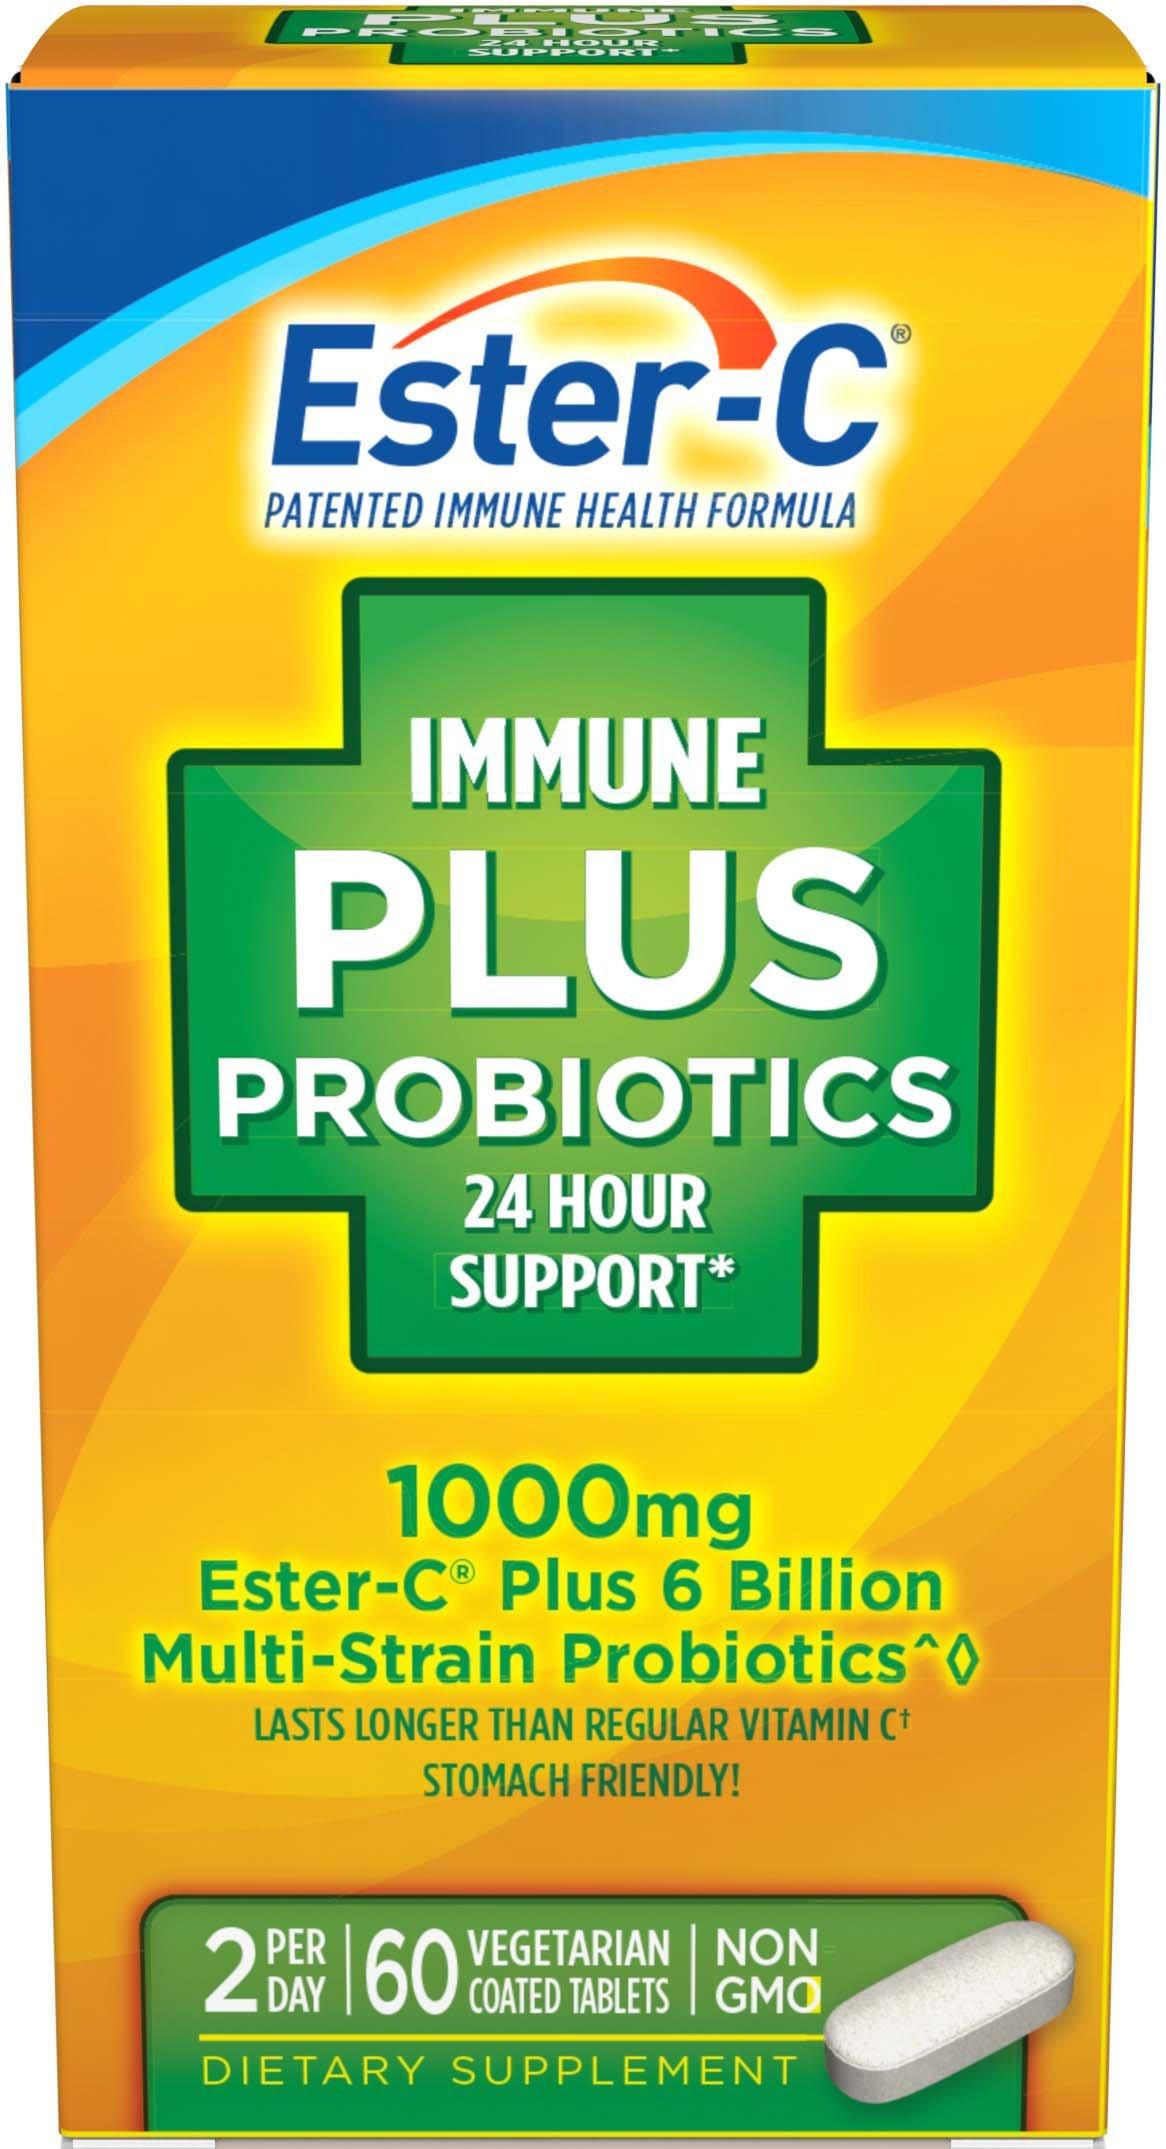 Ester-C Immune Plus Probiotics, 60 Coated Tablets